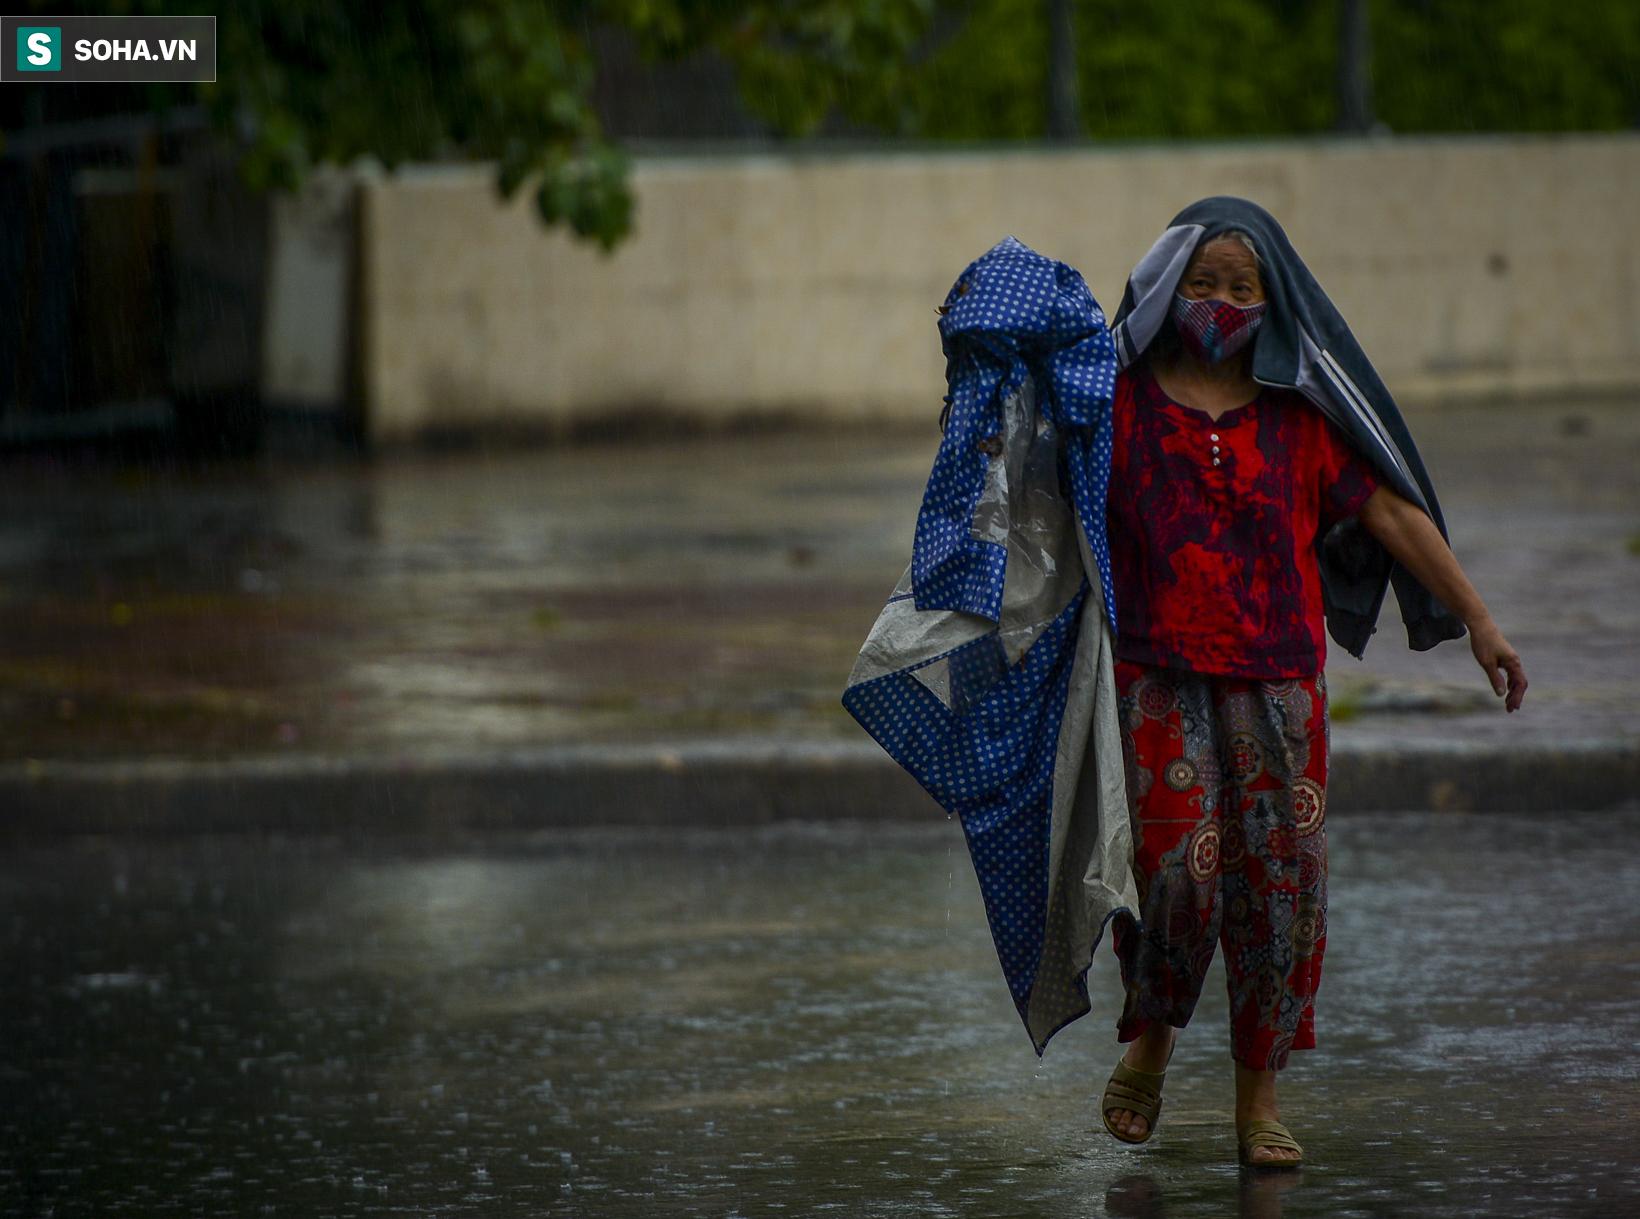 Hà Nội: Trận mưa rào lúc 8h sáng khiến trời tối sầm, nhiều phương tiện phải bật đèn để di chuyển - Ảnh 4.